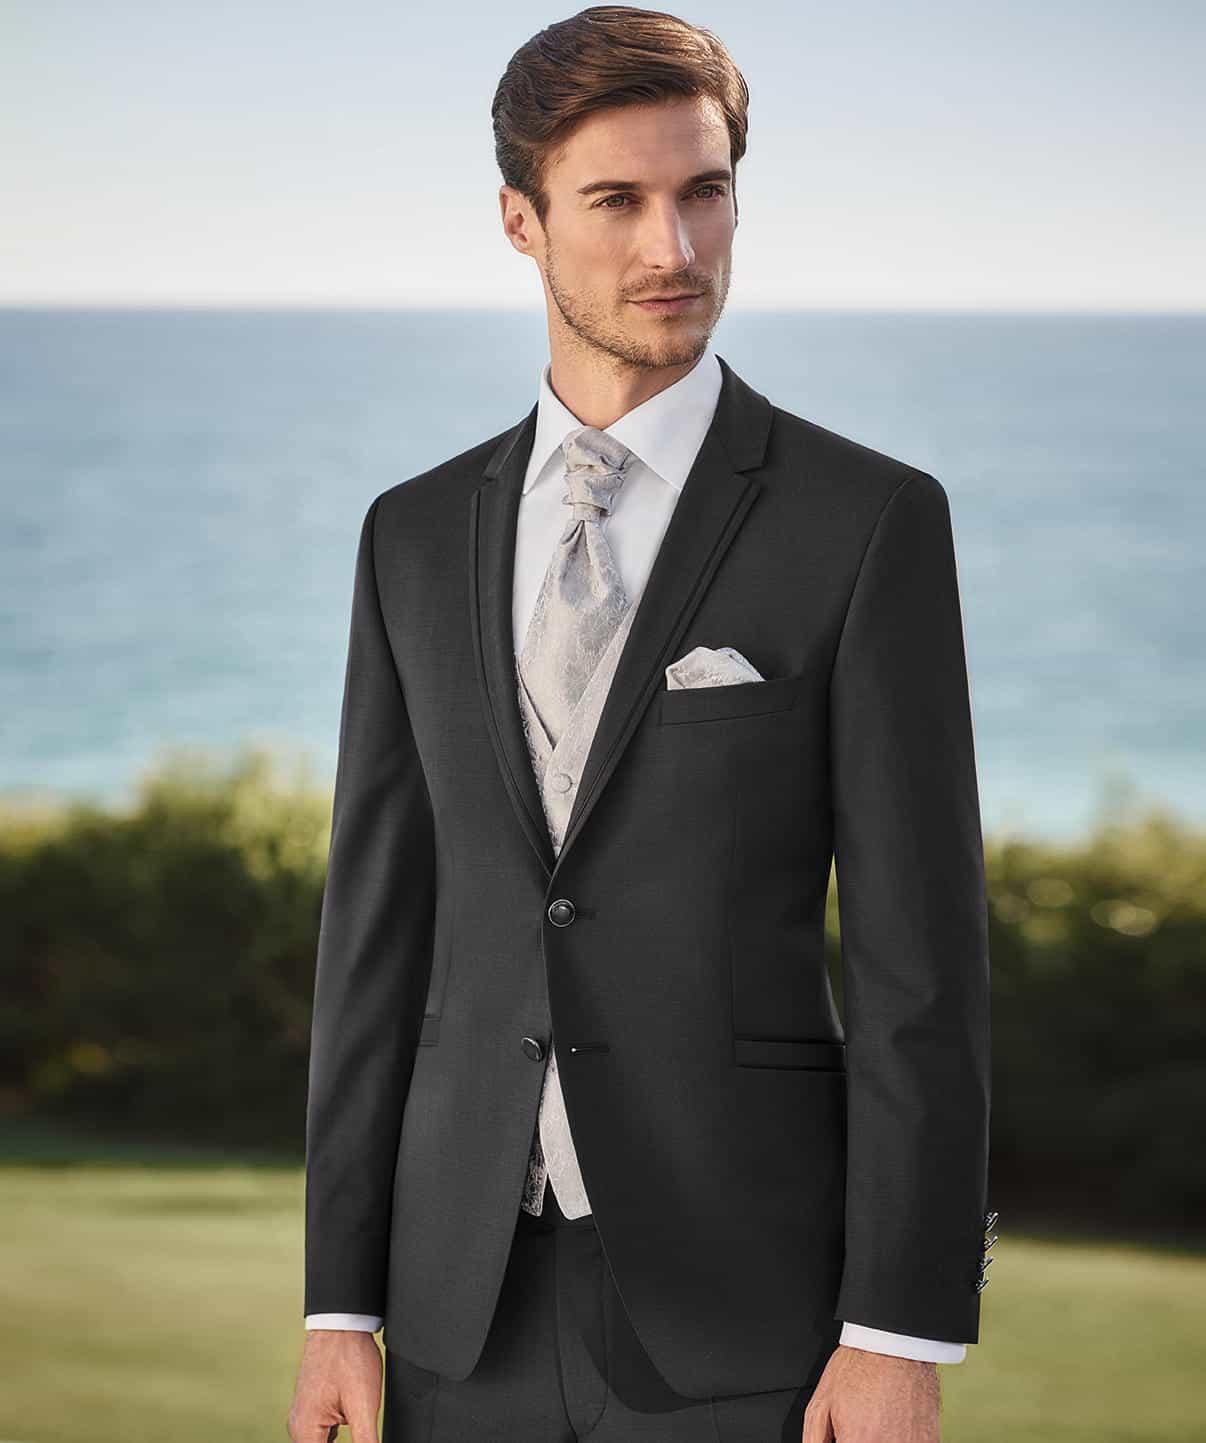 estremamente unico fashion design seleziona per autentico Abito cerimonia tutto incluso Wilvorst slim nero con panciotto damascato  41200/10